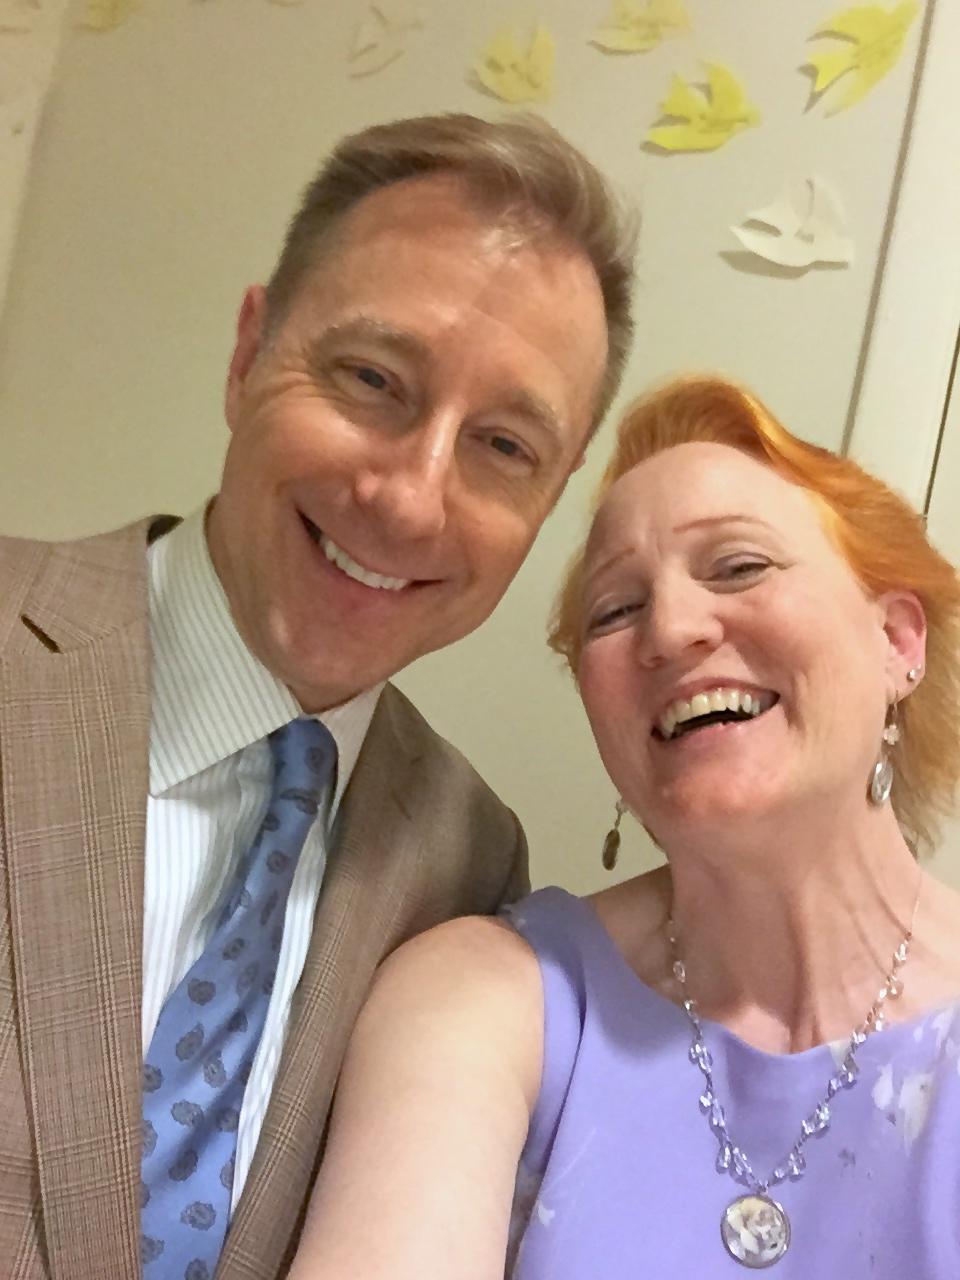 Selfies back stage - Don & Margaret